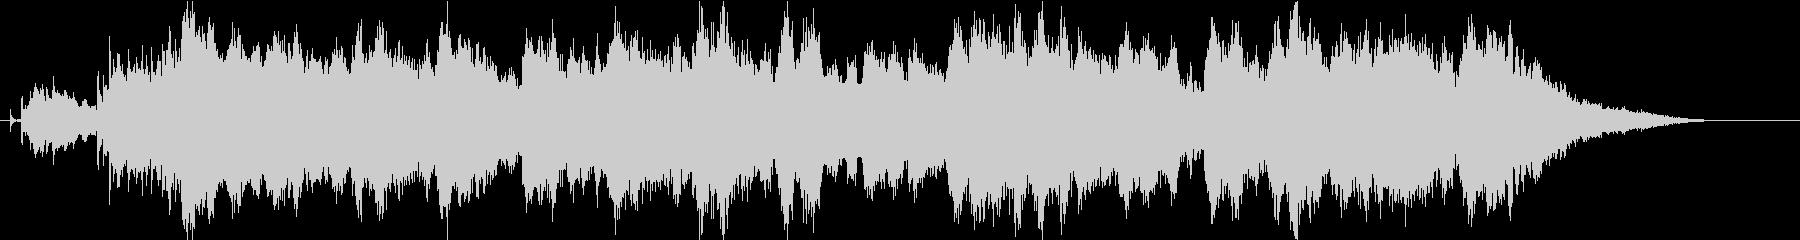 チャーチベルの印象的なクリスマスジングルの未再生の波形